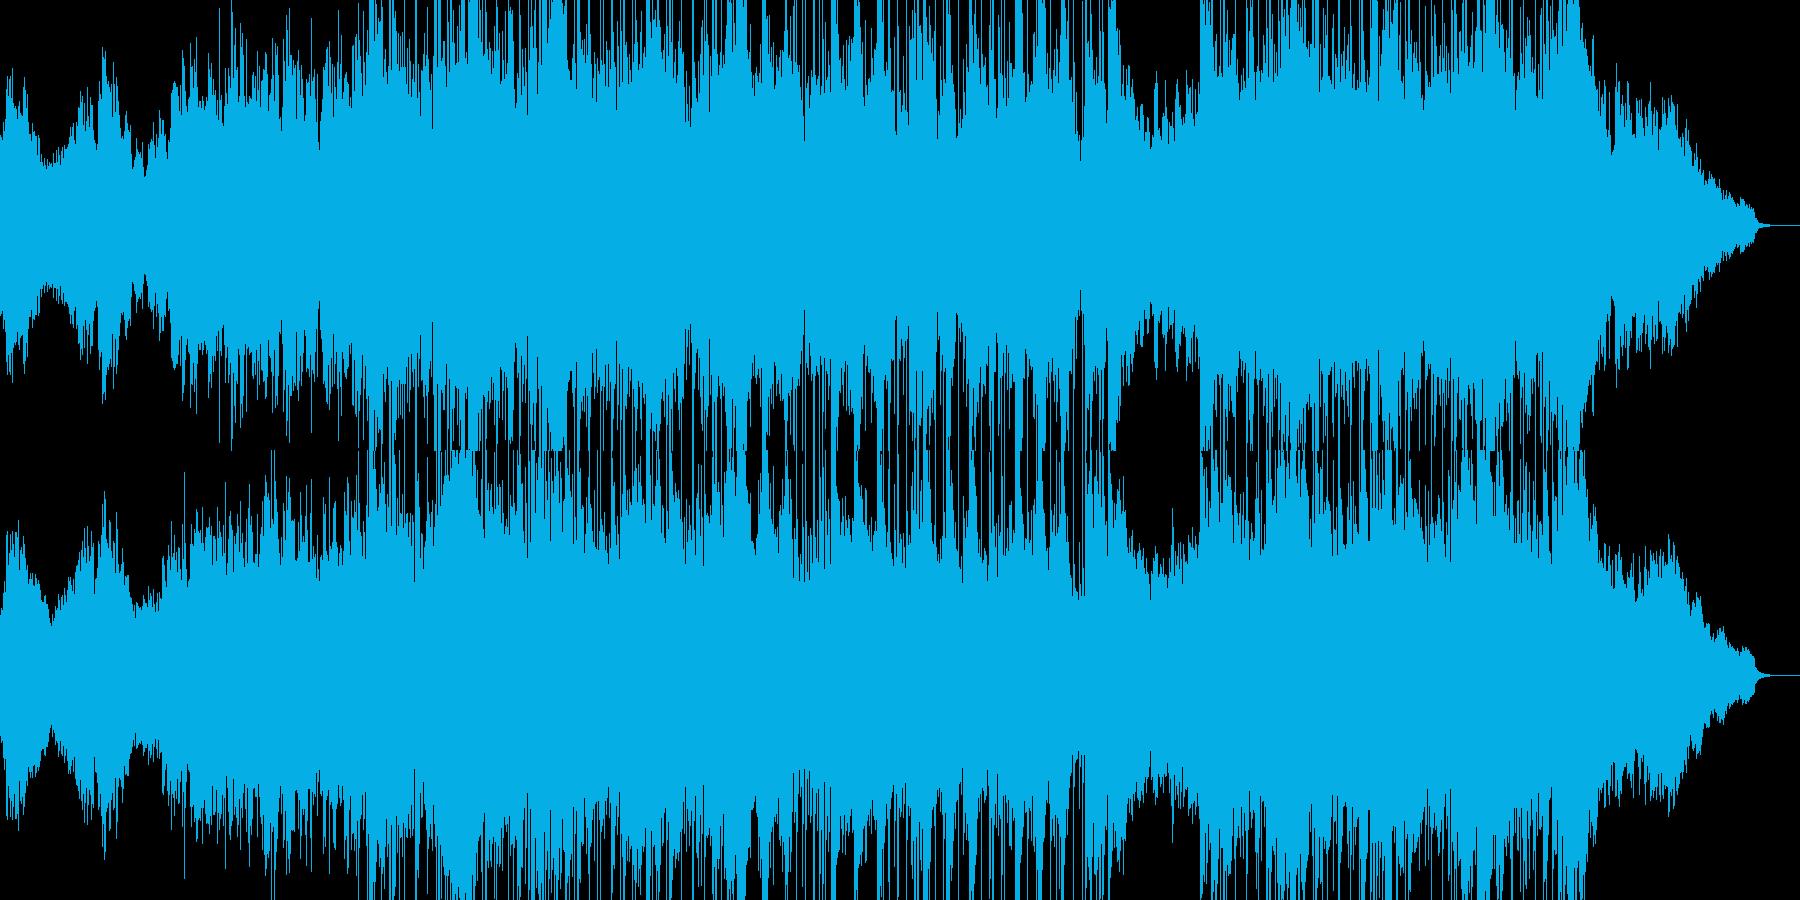 悲しみ・懊悩・不安を演出するピアノBGMの再生済みの波形